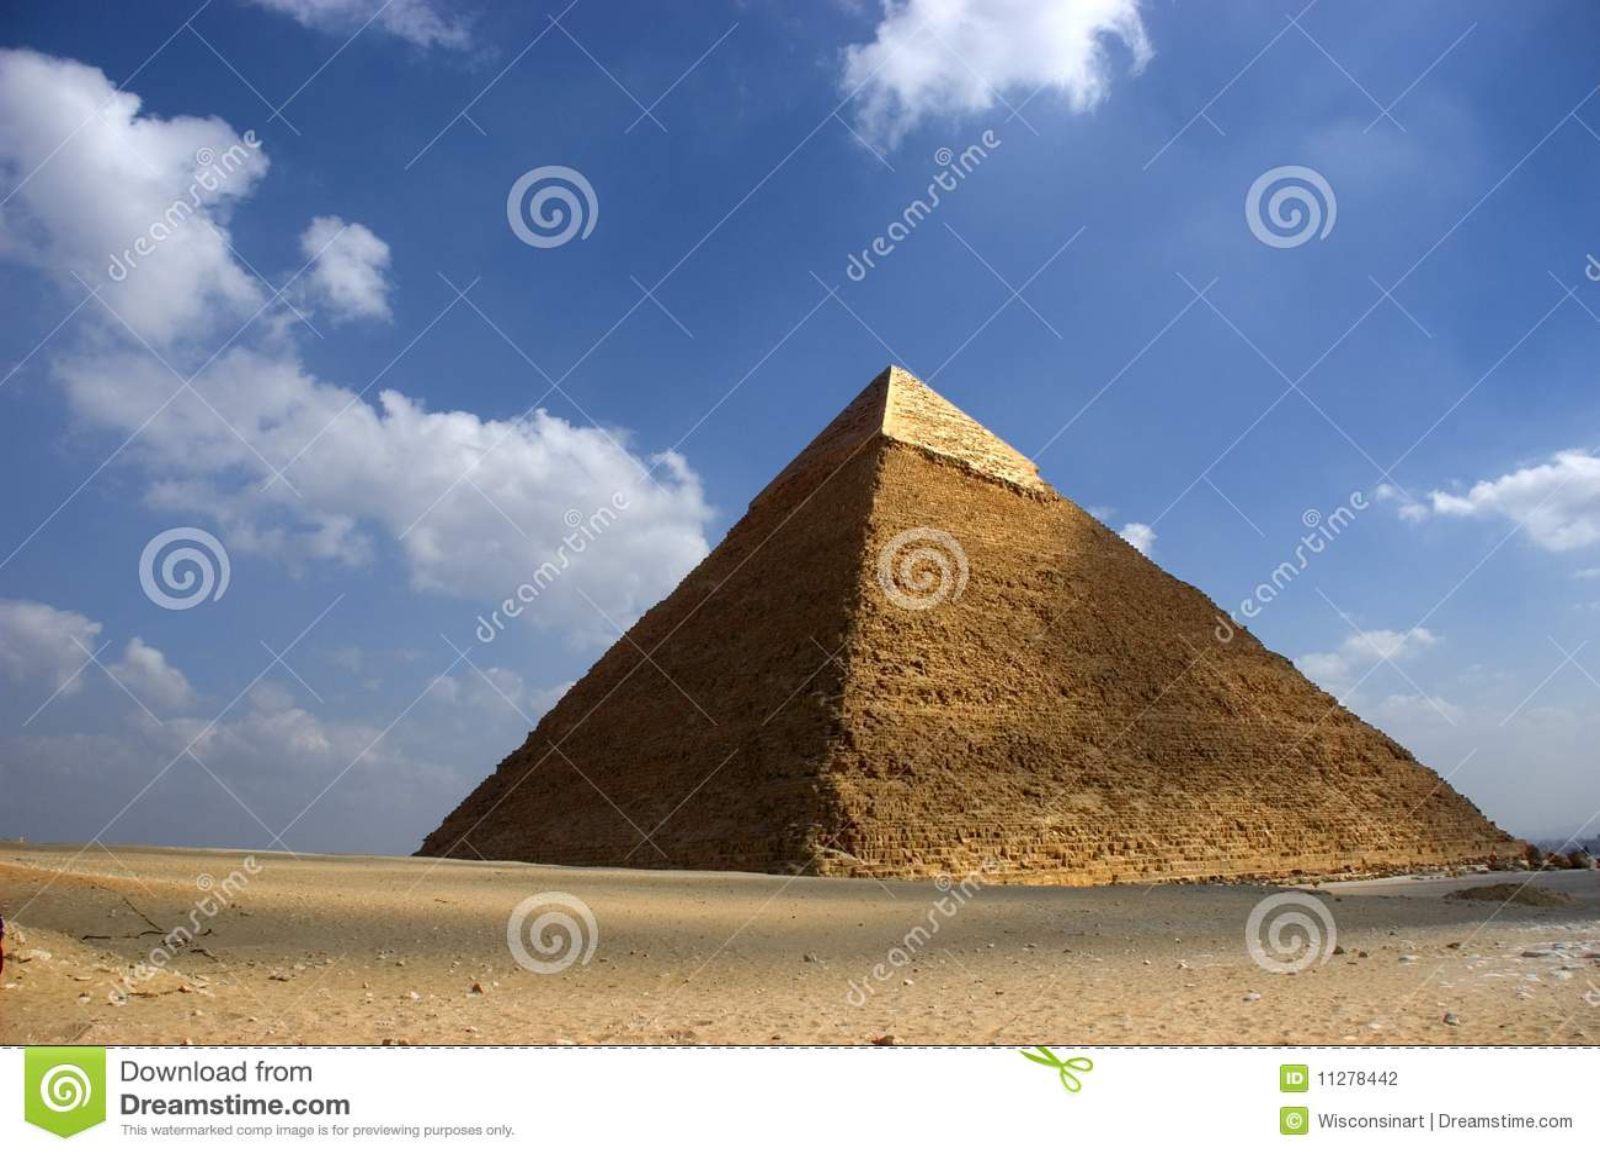 La gran pirámide de Cheops en Giza